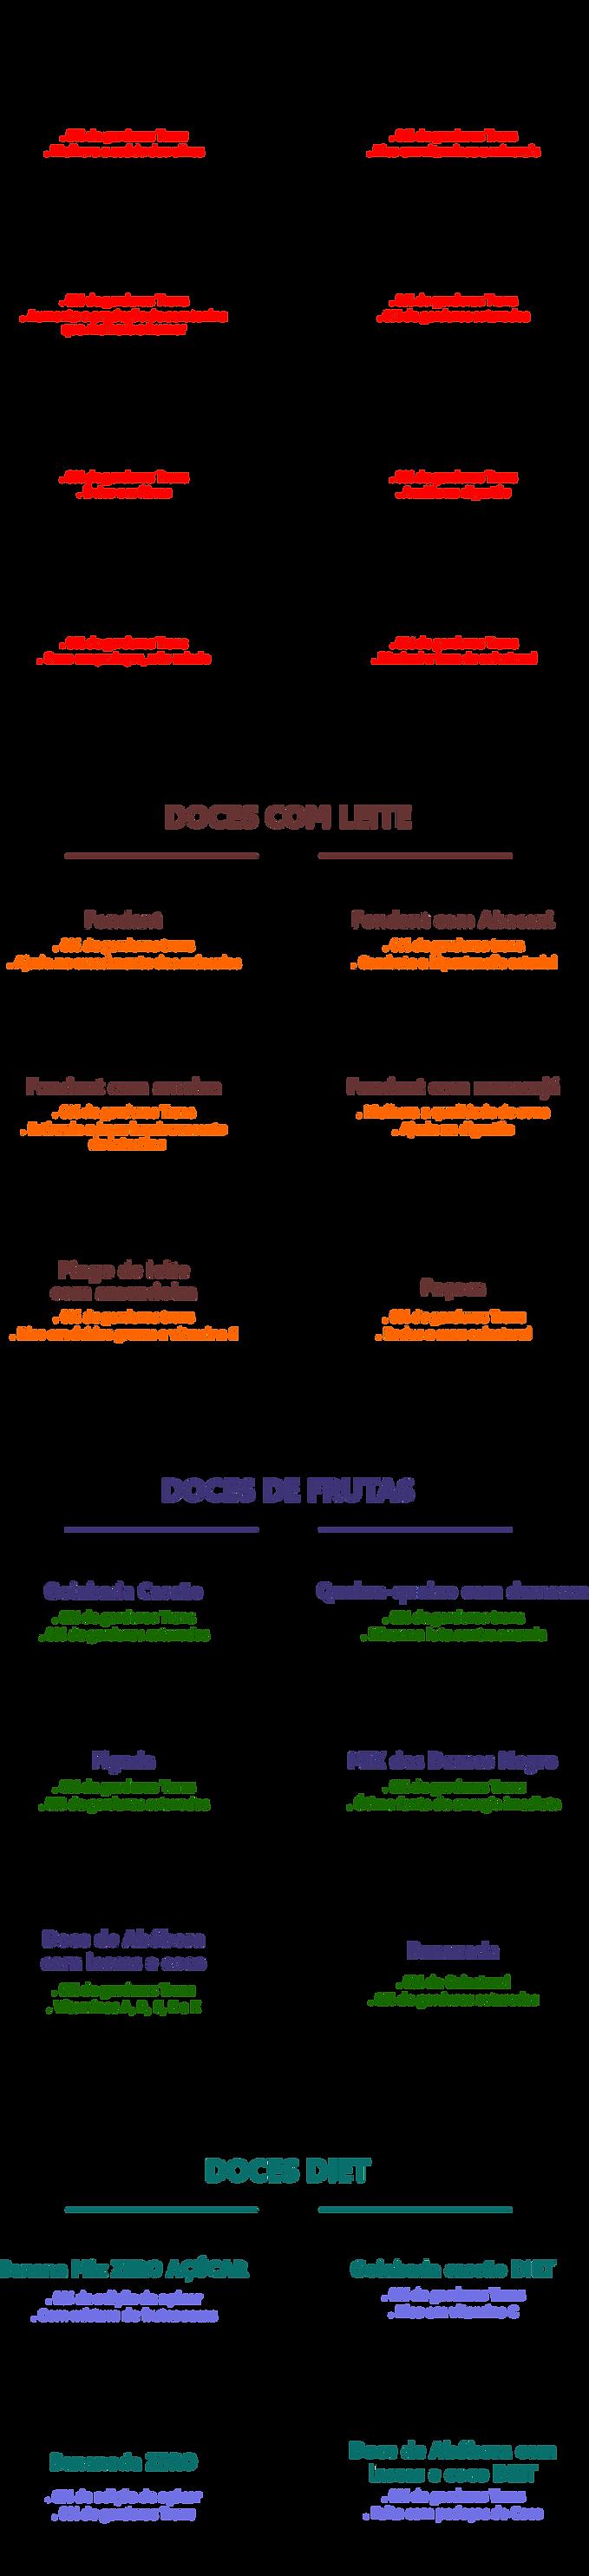 DESCRIÇÃO DOCES.png